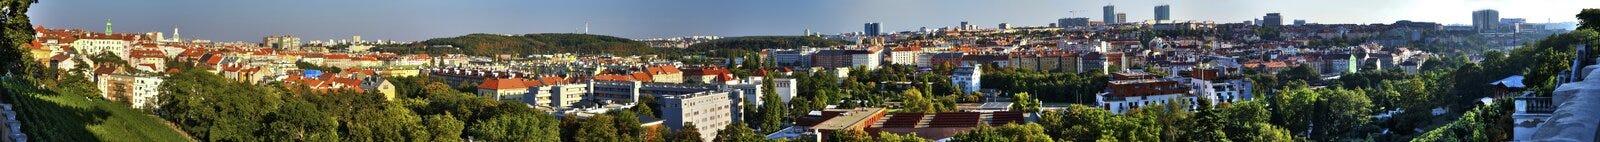 Wijd panoramisch op cityscape van Praag, Vinohrady en Nusle-gebied, van het populaire Havlicek-park royalty-vrije stock foto